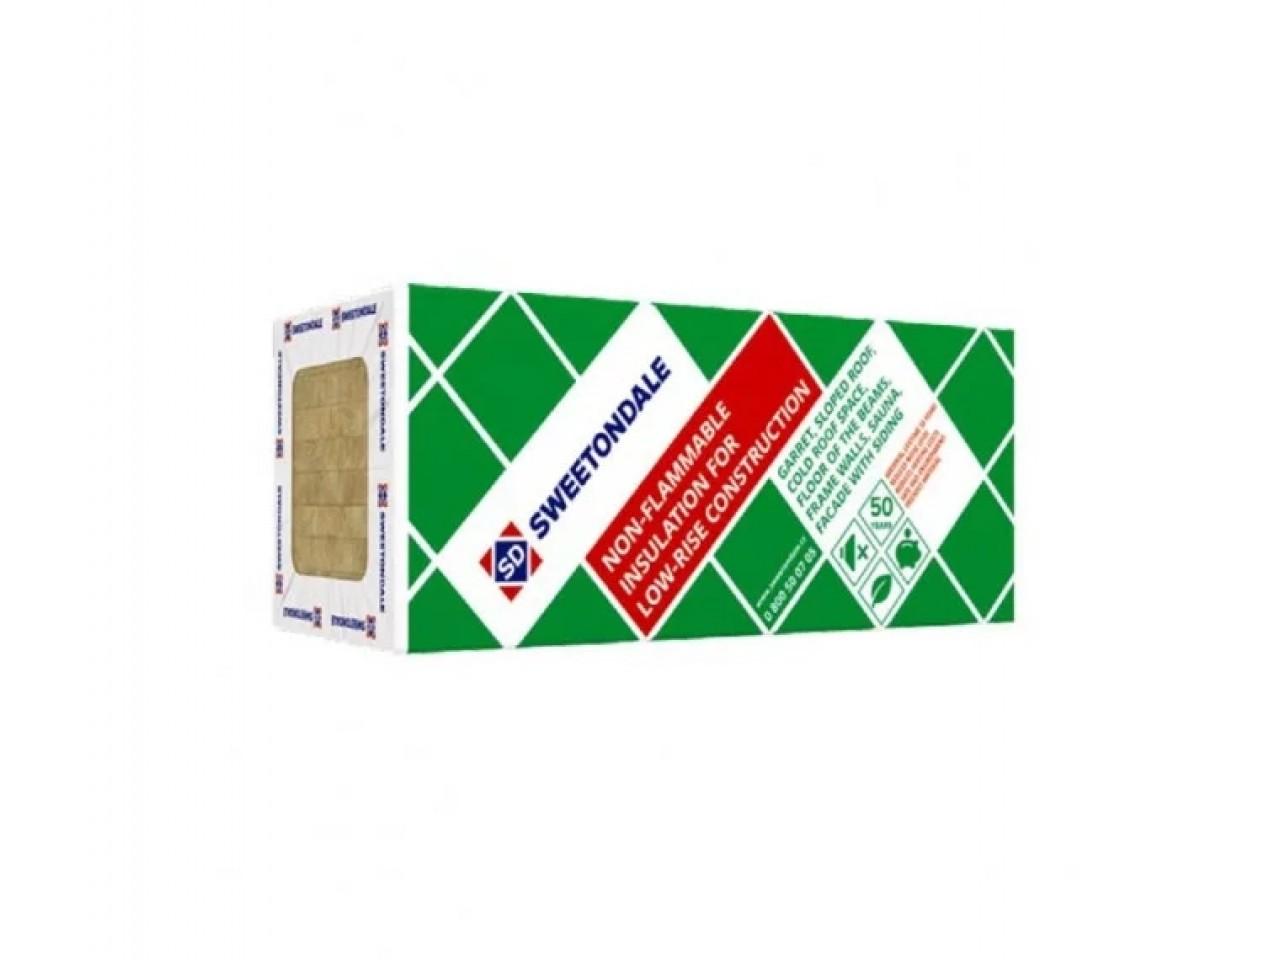 Утеплитель базальтовый 30 Технониколь SWEETONDALE Роклайт (1200x600x100 мм) - 2,88 кв.м/уп